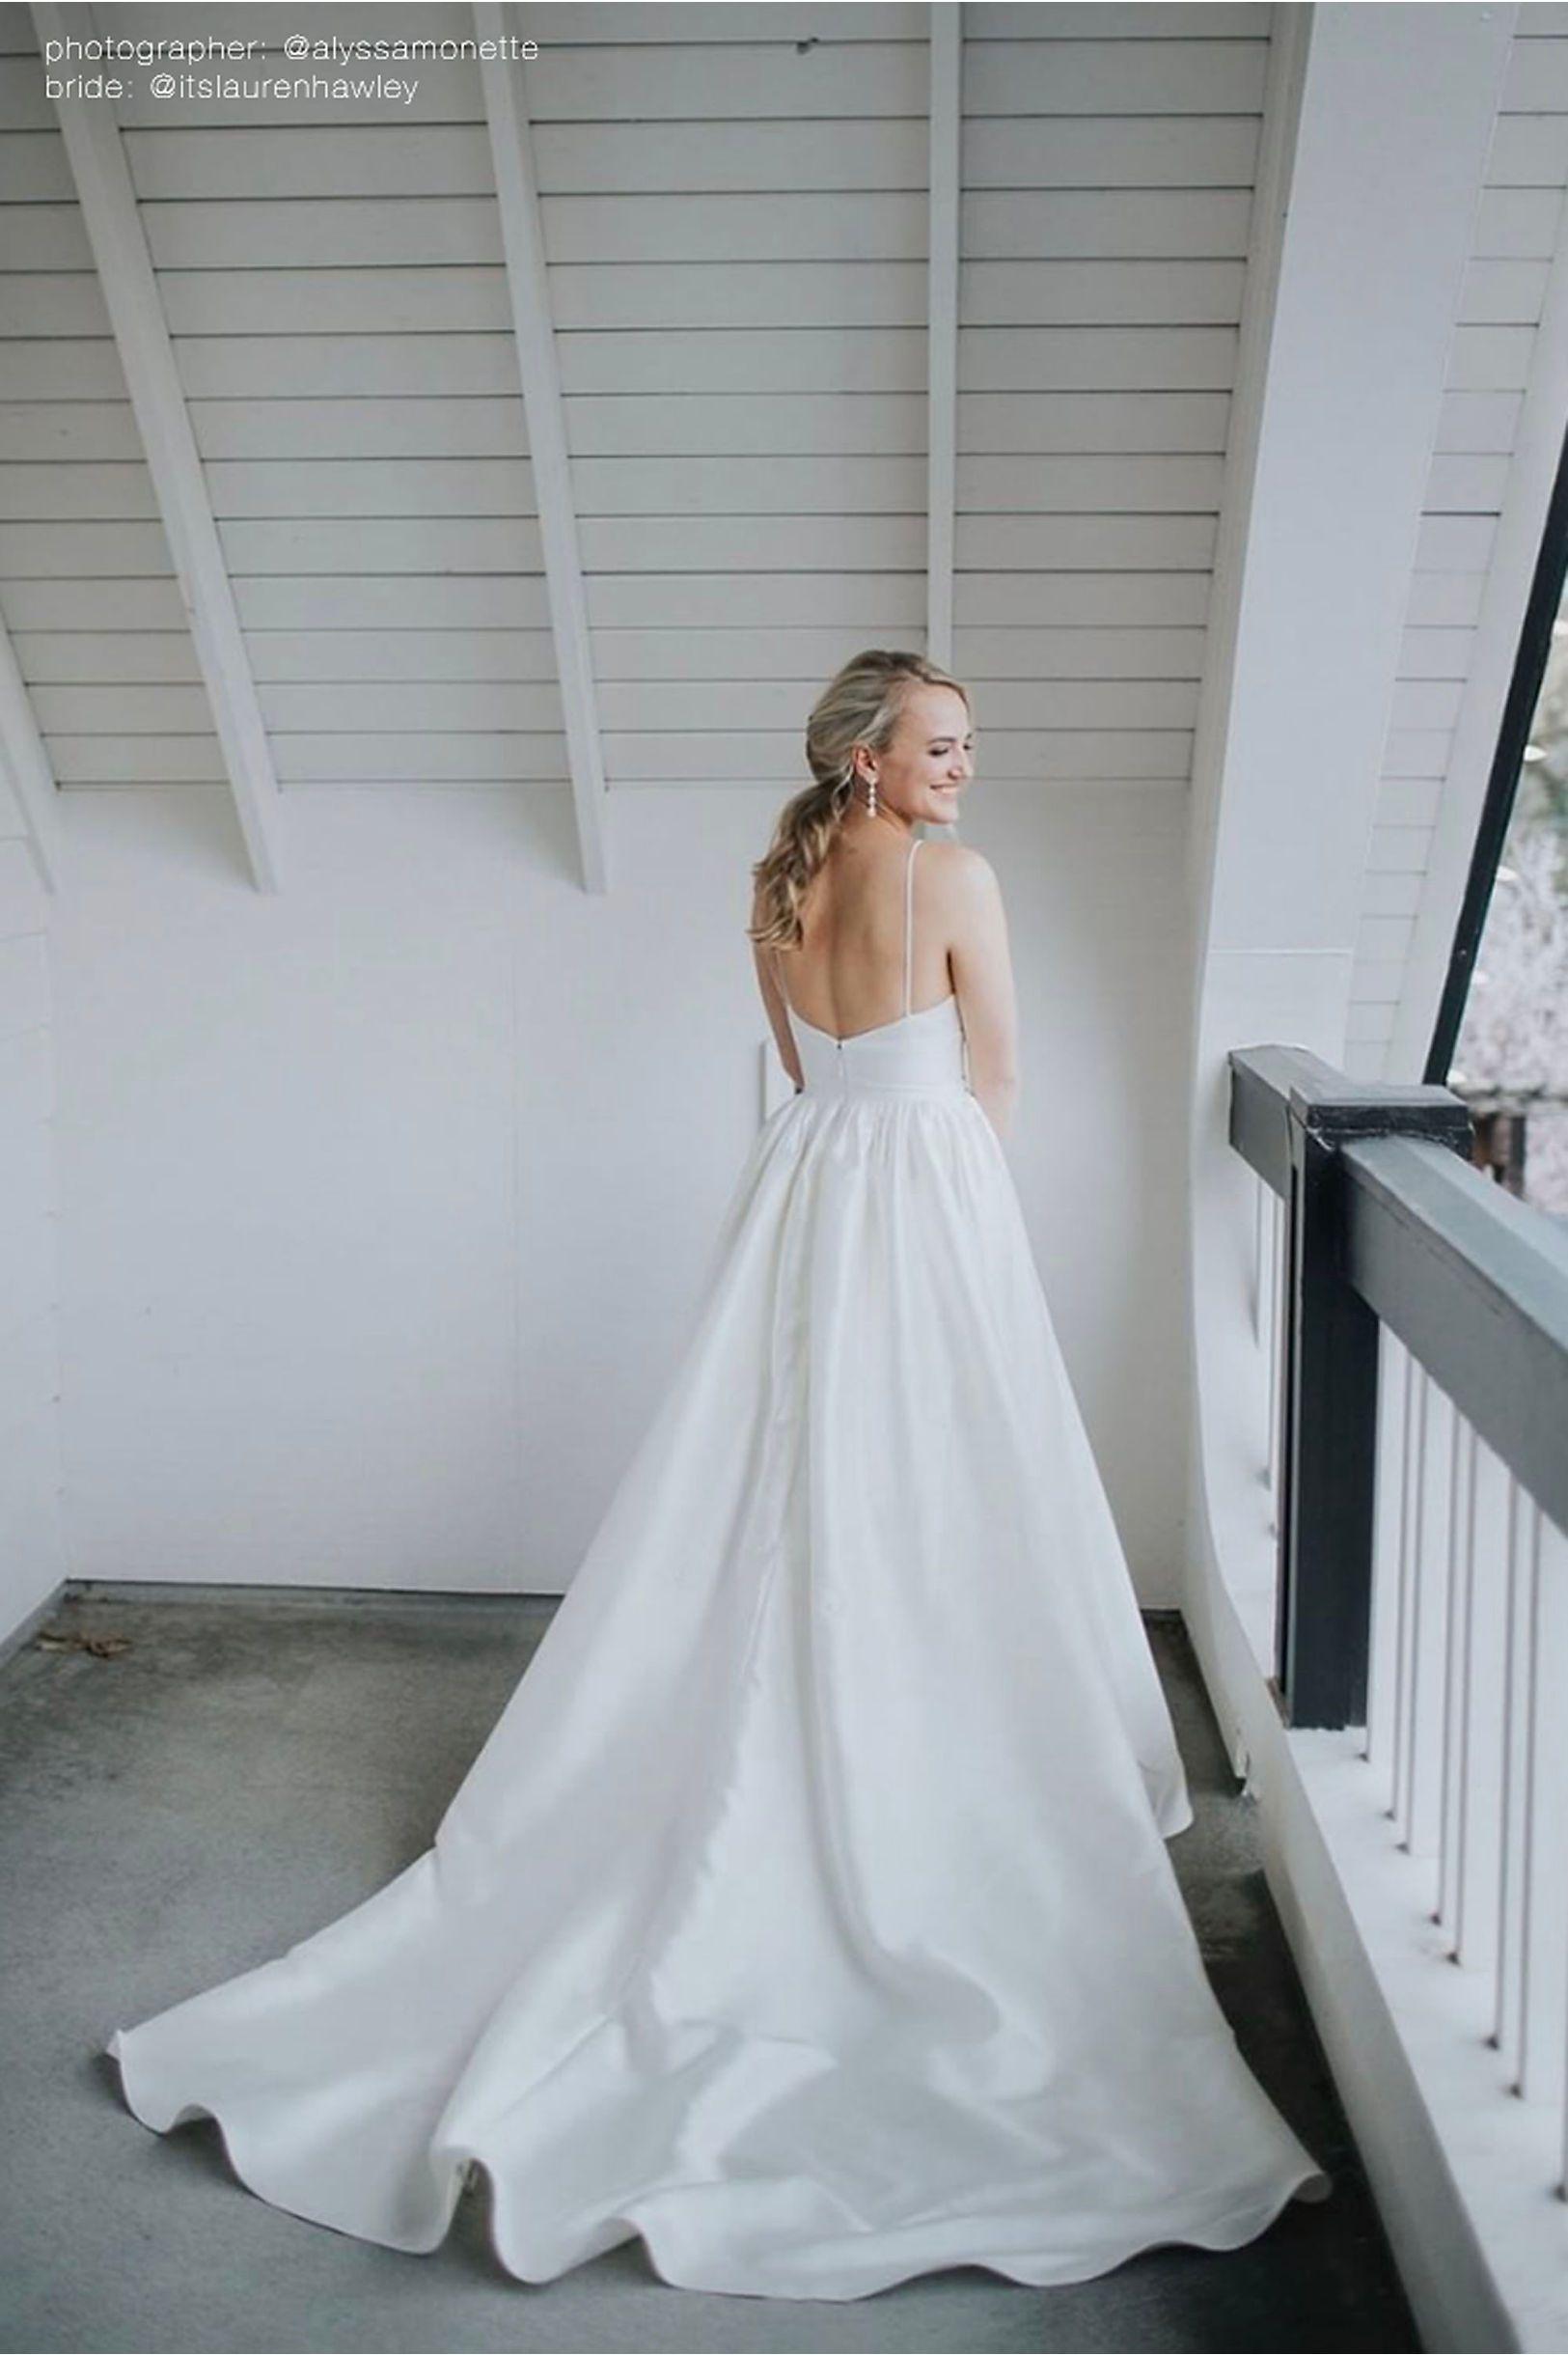 ed091752ddb Opaline Ballgown Ivory in Bride